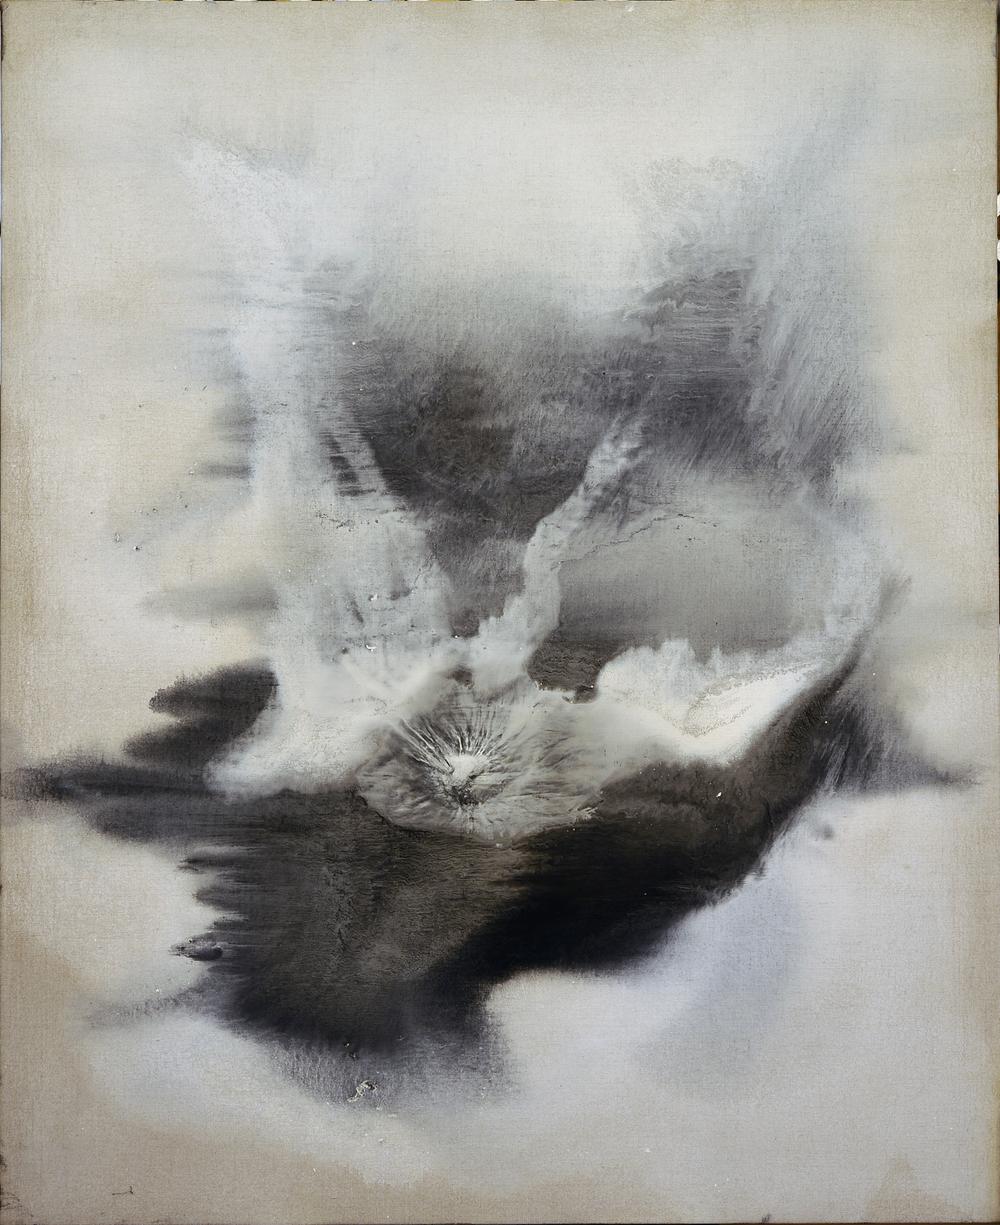 22 giugno,2013, olio su tela, cm 110 x 90  22 giugno, 2013, oil on canvas, cm 110 x 90